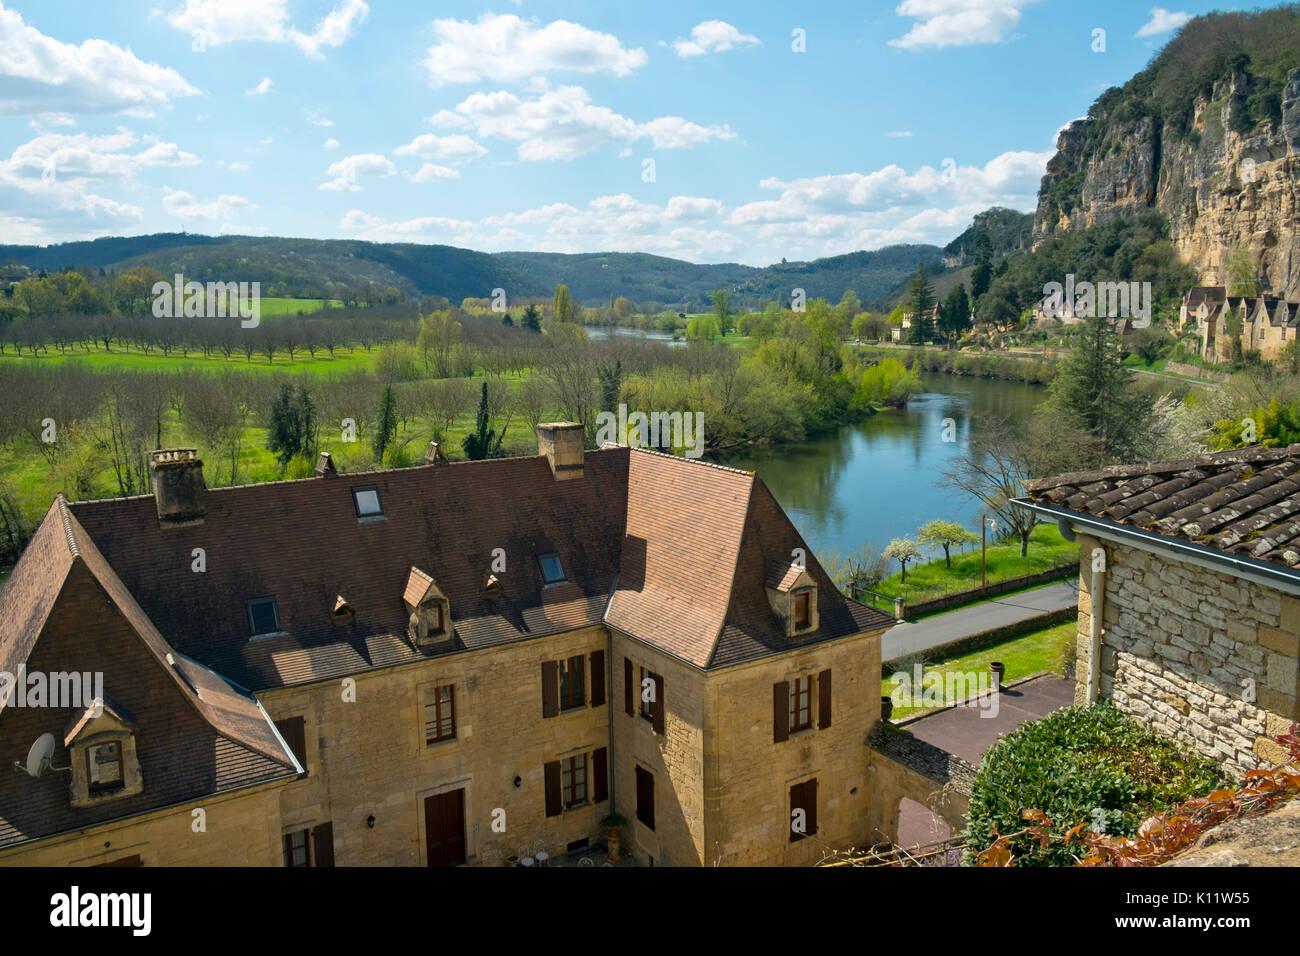 Malerische La Roque-Gageac gebaut, zwischen Klippen und Fluss Dordogne in der Dordogne, Nouvelle Aquitaine, Frankreich Stockbild